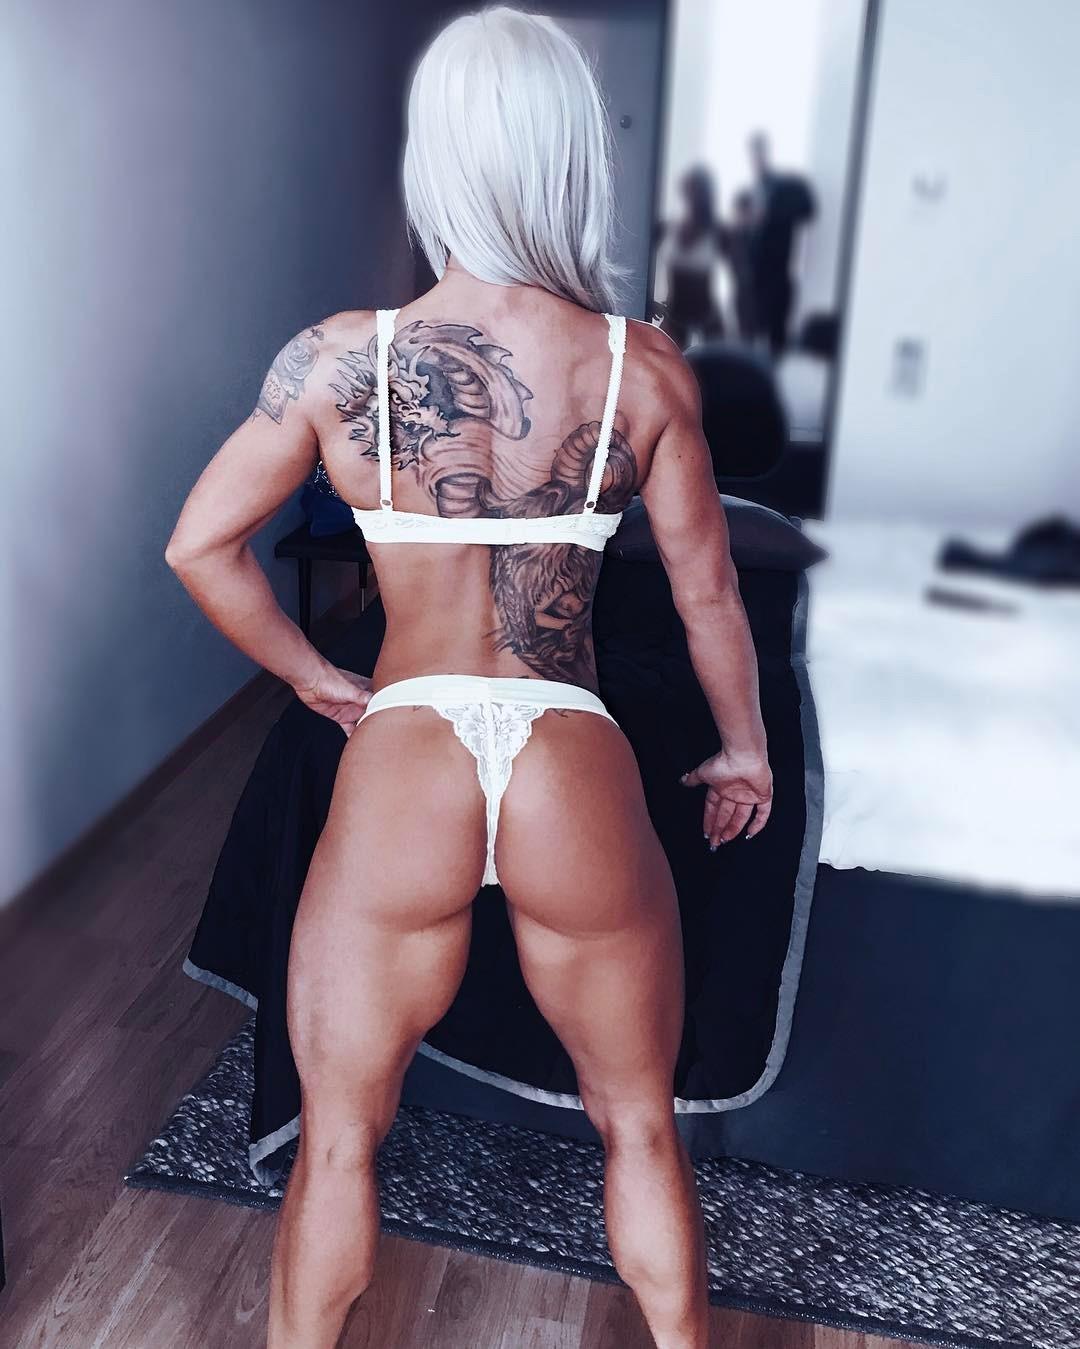 tattoo IFBB Bikini Pro Caroline Aspenskog, Sweden